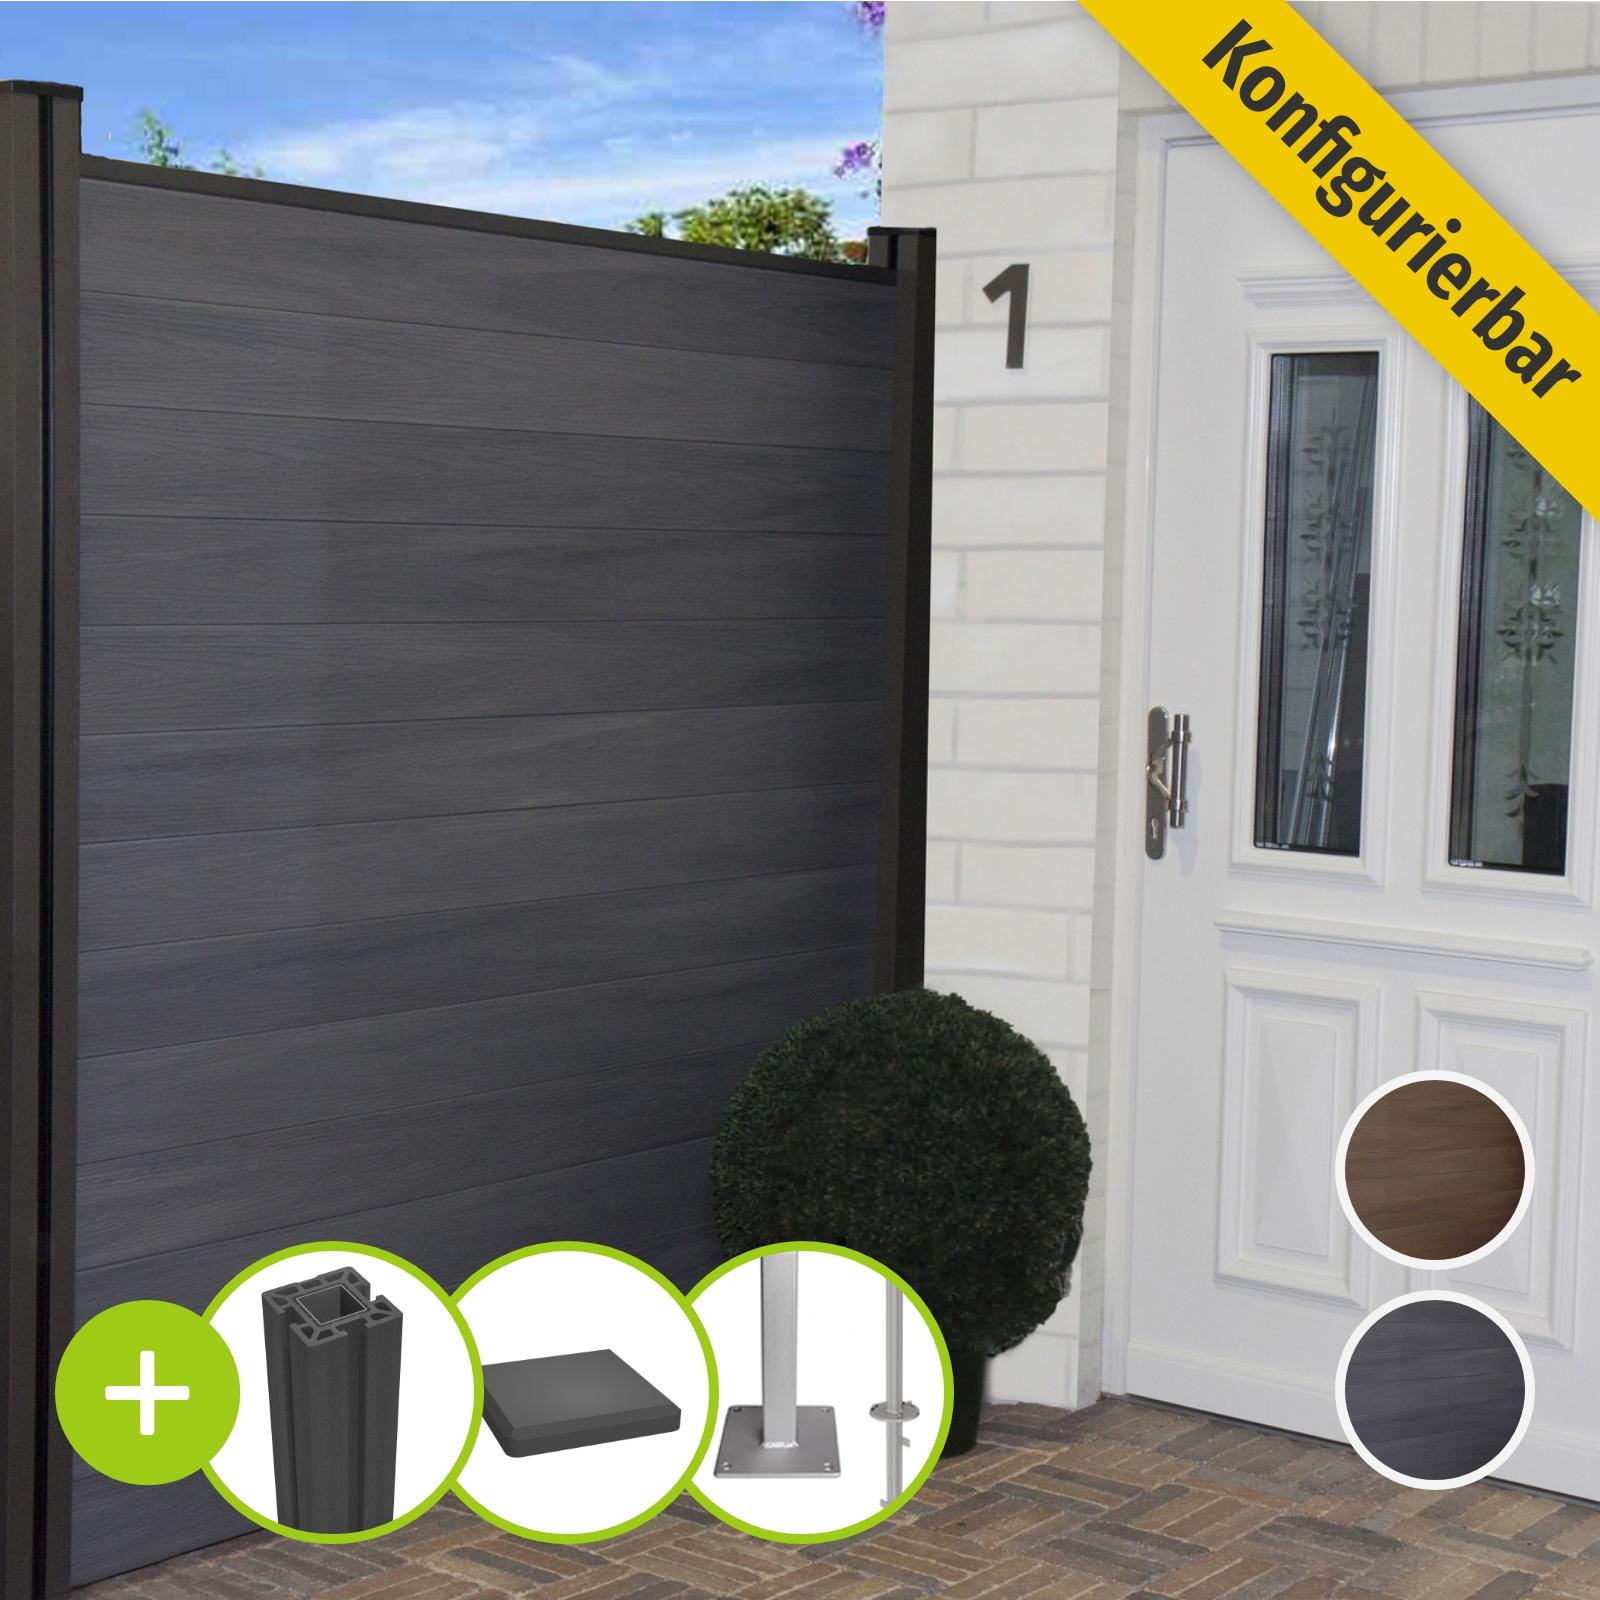 Groja Wpc Zaun Sichtschutz Gartenzaun Windschutzzaun Terrasse Grau